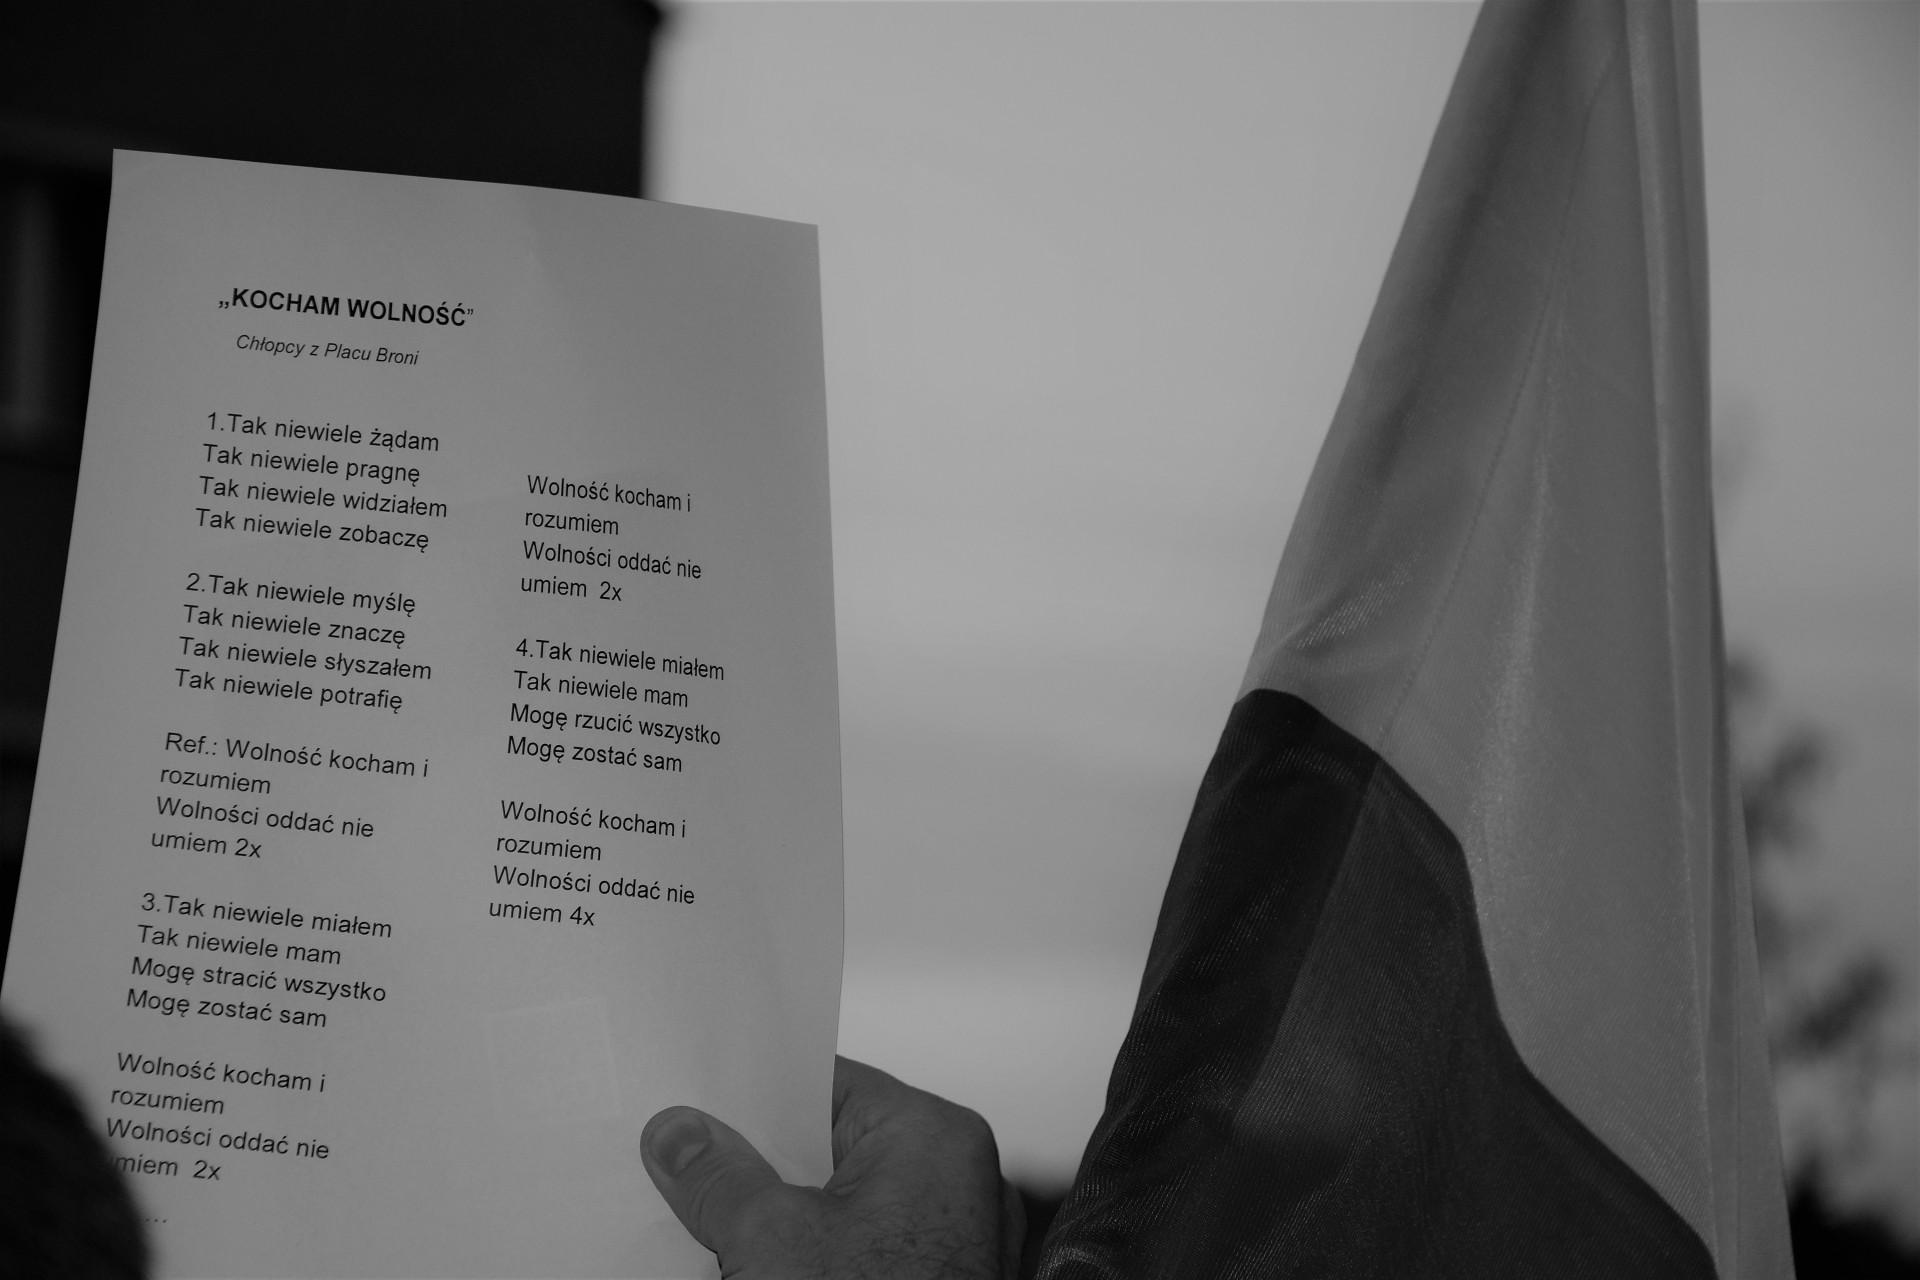 Zwrócony ku przejeżdżającym samochodom. Chodzi o to, żeby pokazać ludziom, że protest trwa nadal. Protest w obronie sądów. Fot. Tomasz Słomczyński/Magazyn Kaszuby